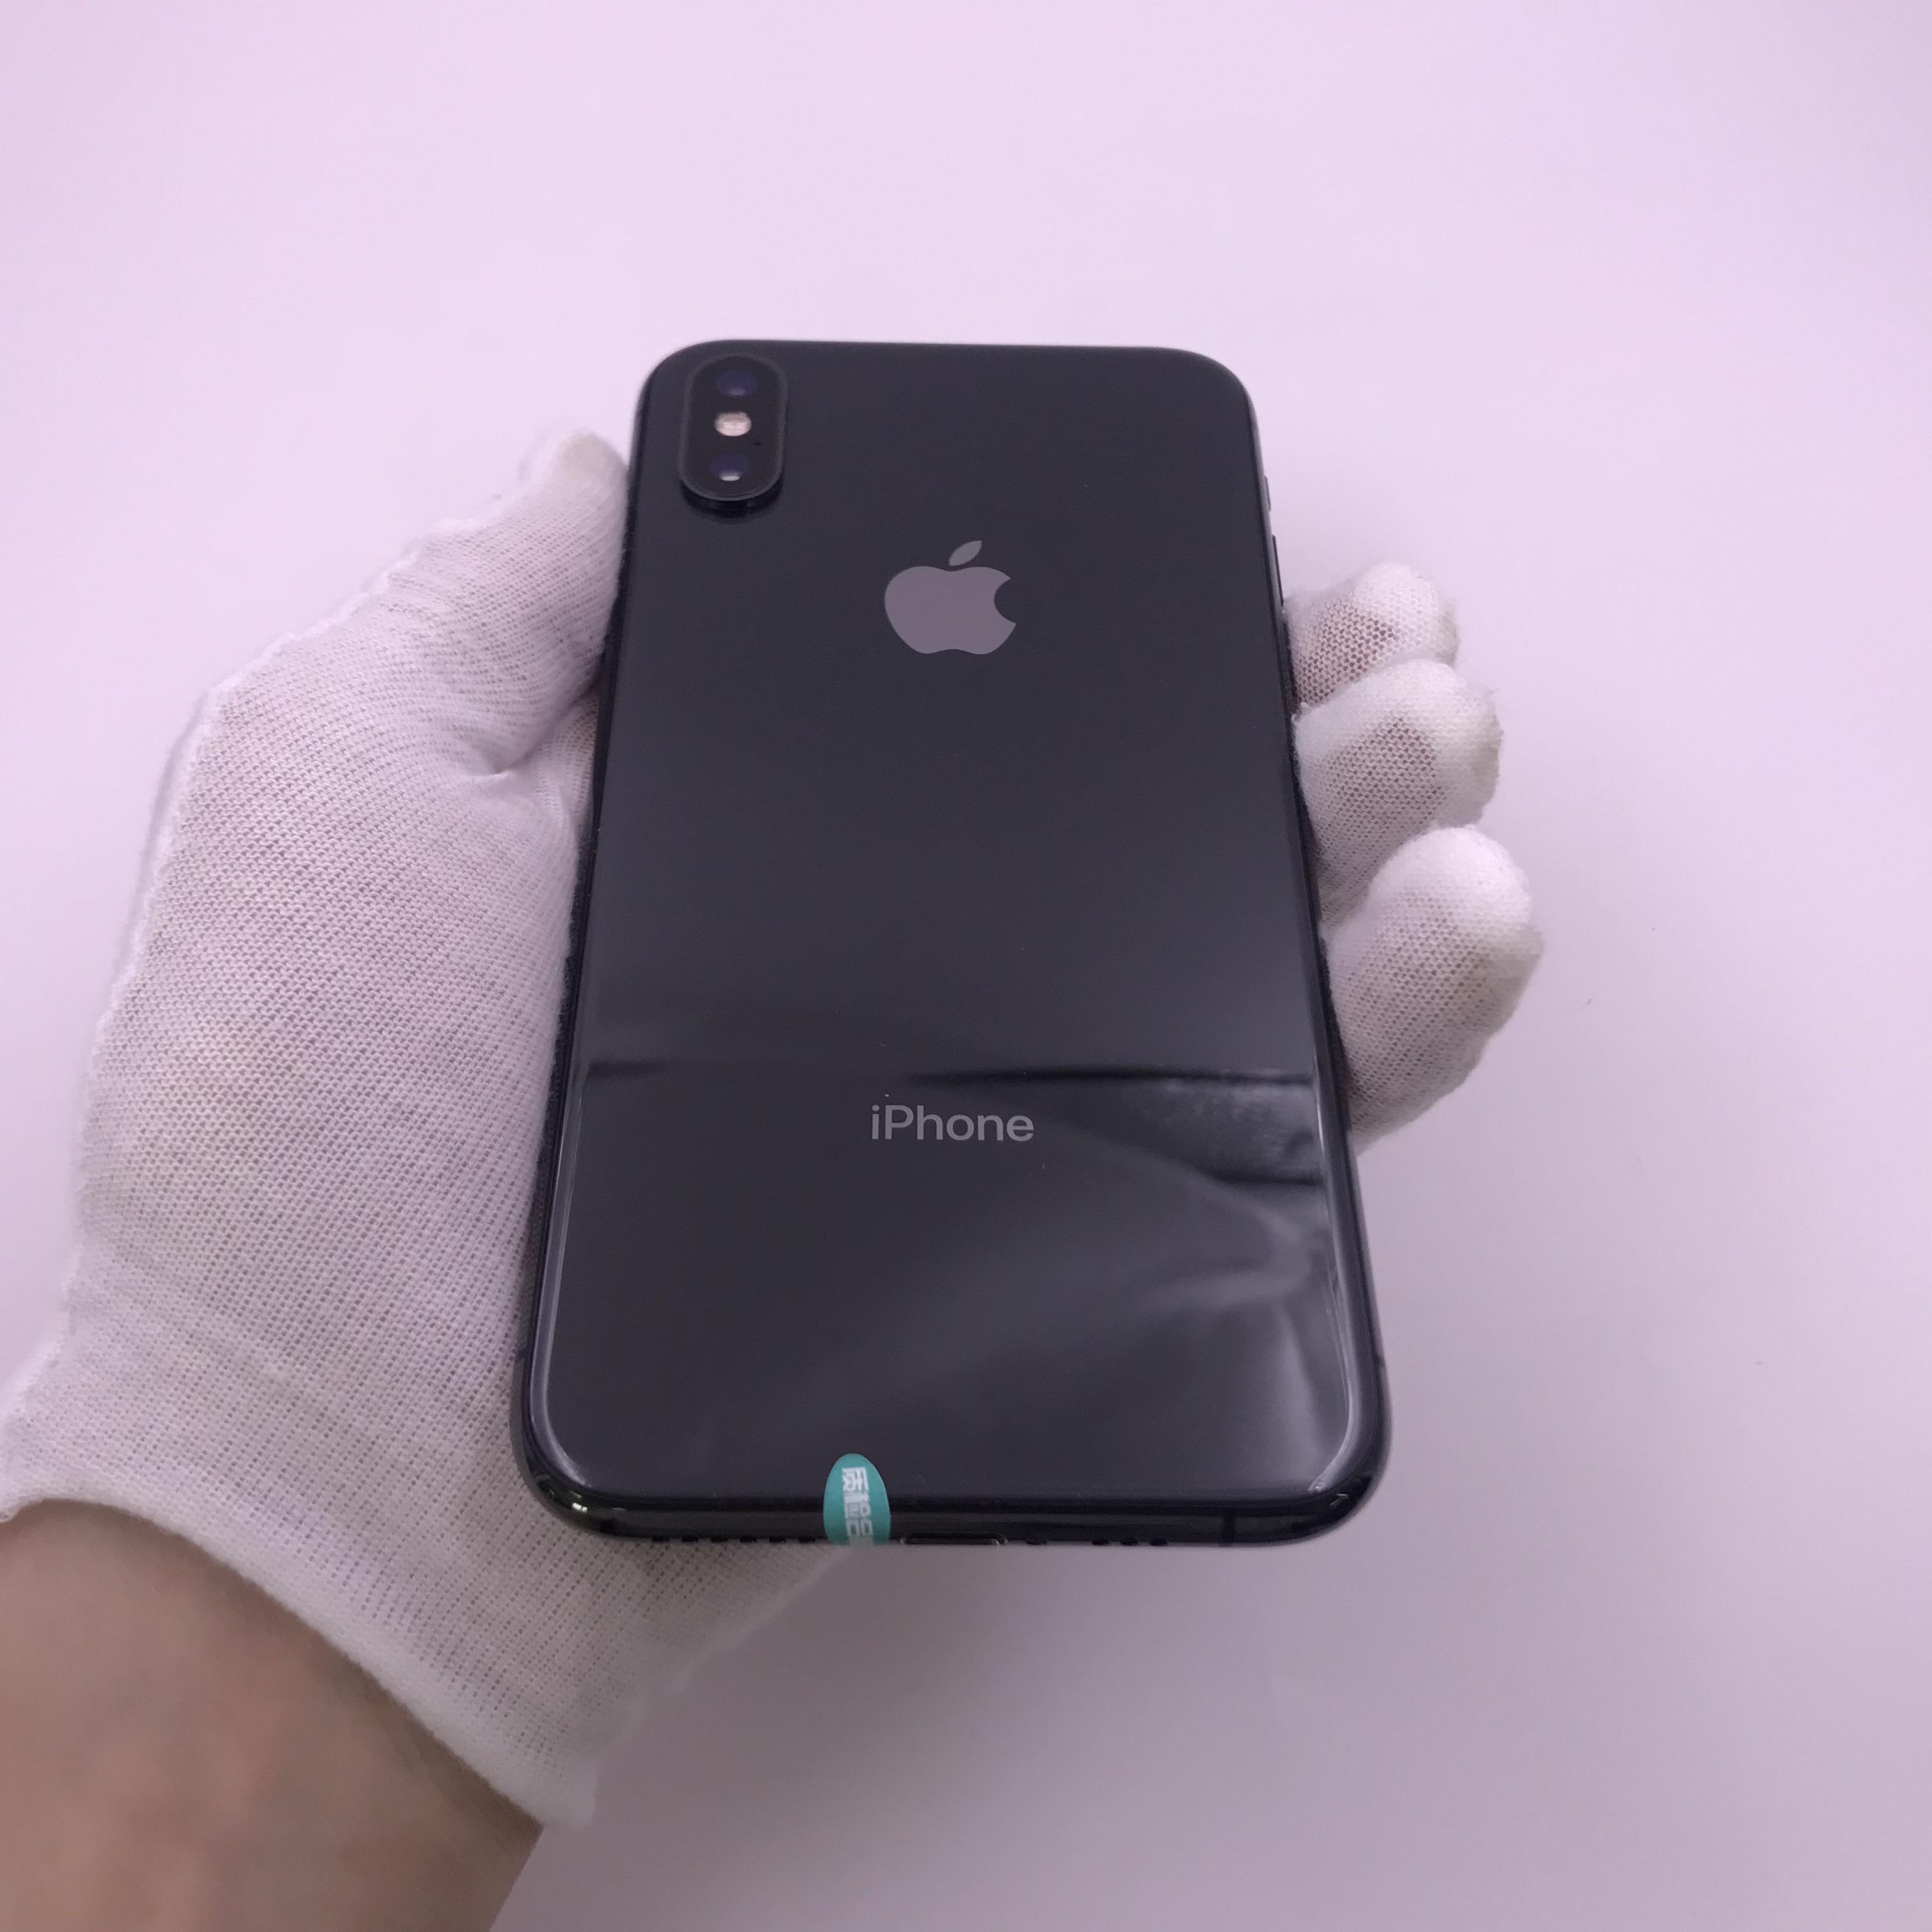 苹果【iPhone Xs】4G全网通 深空灰 256G 国行 99新